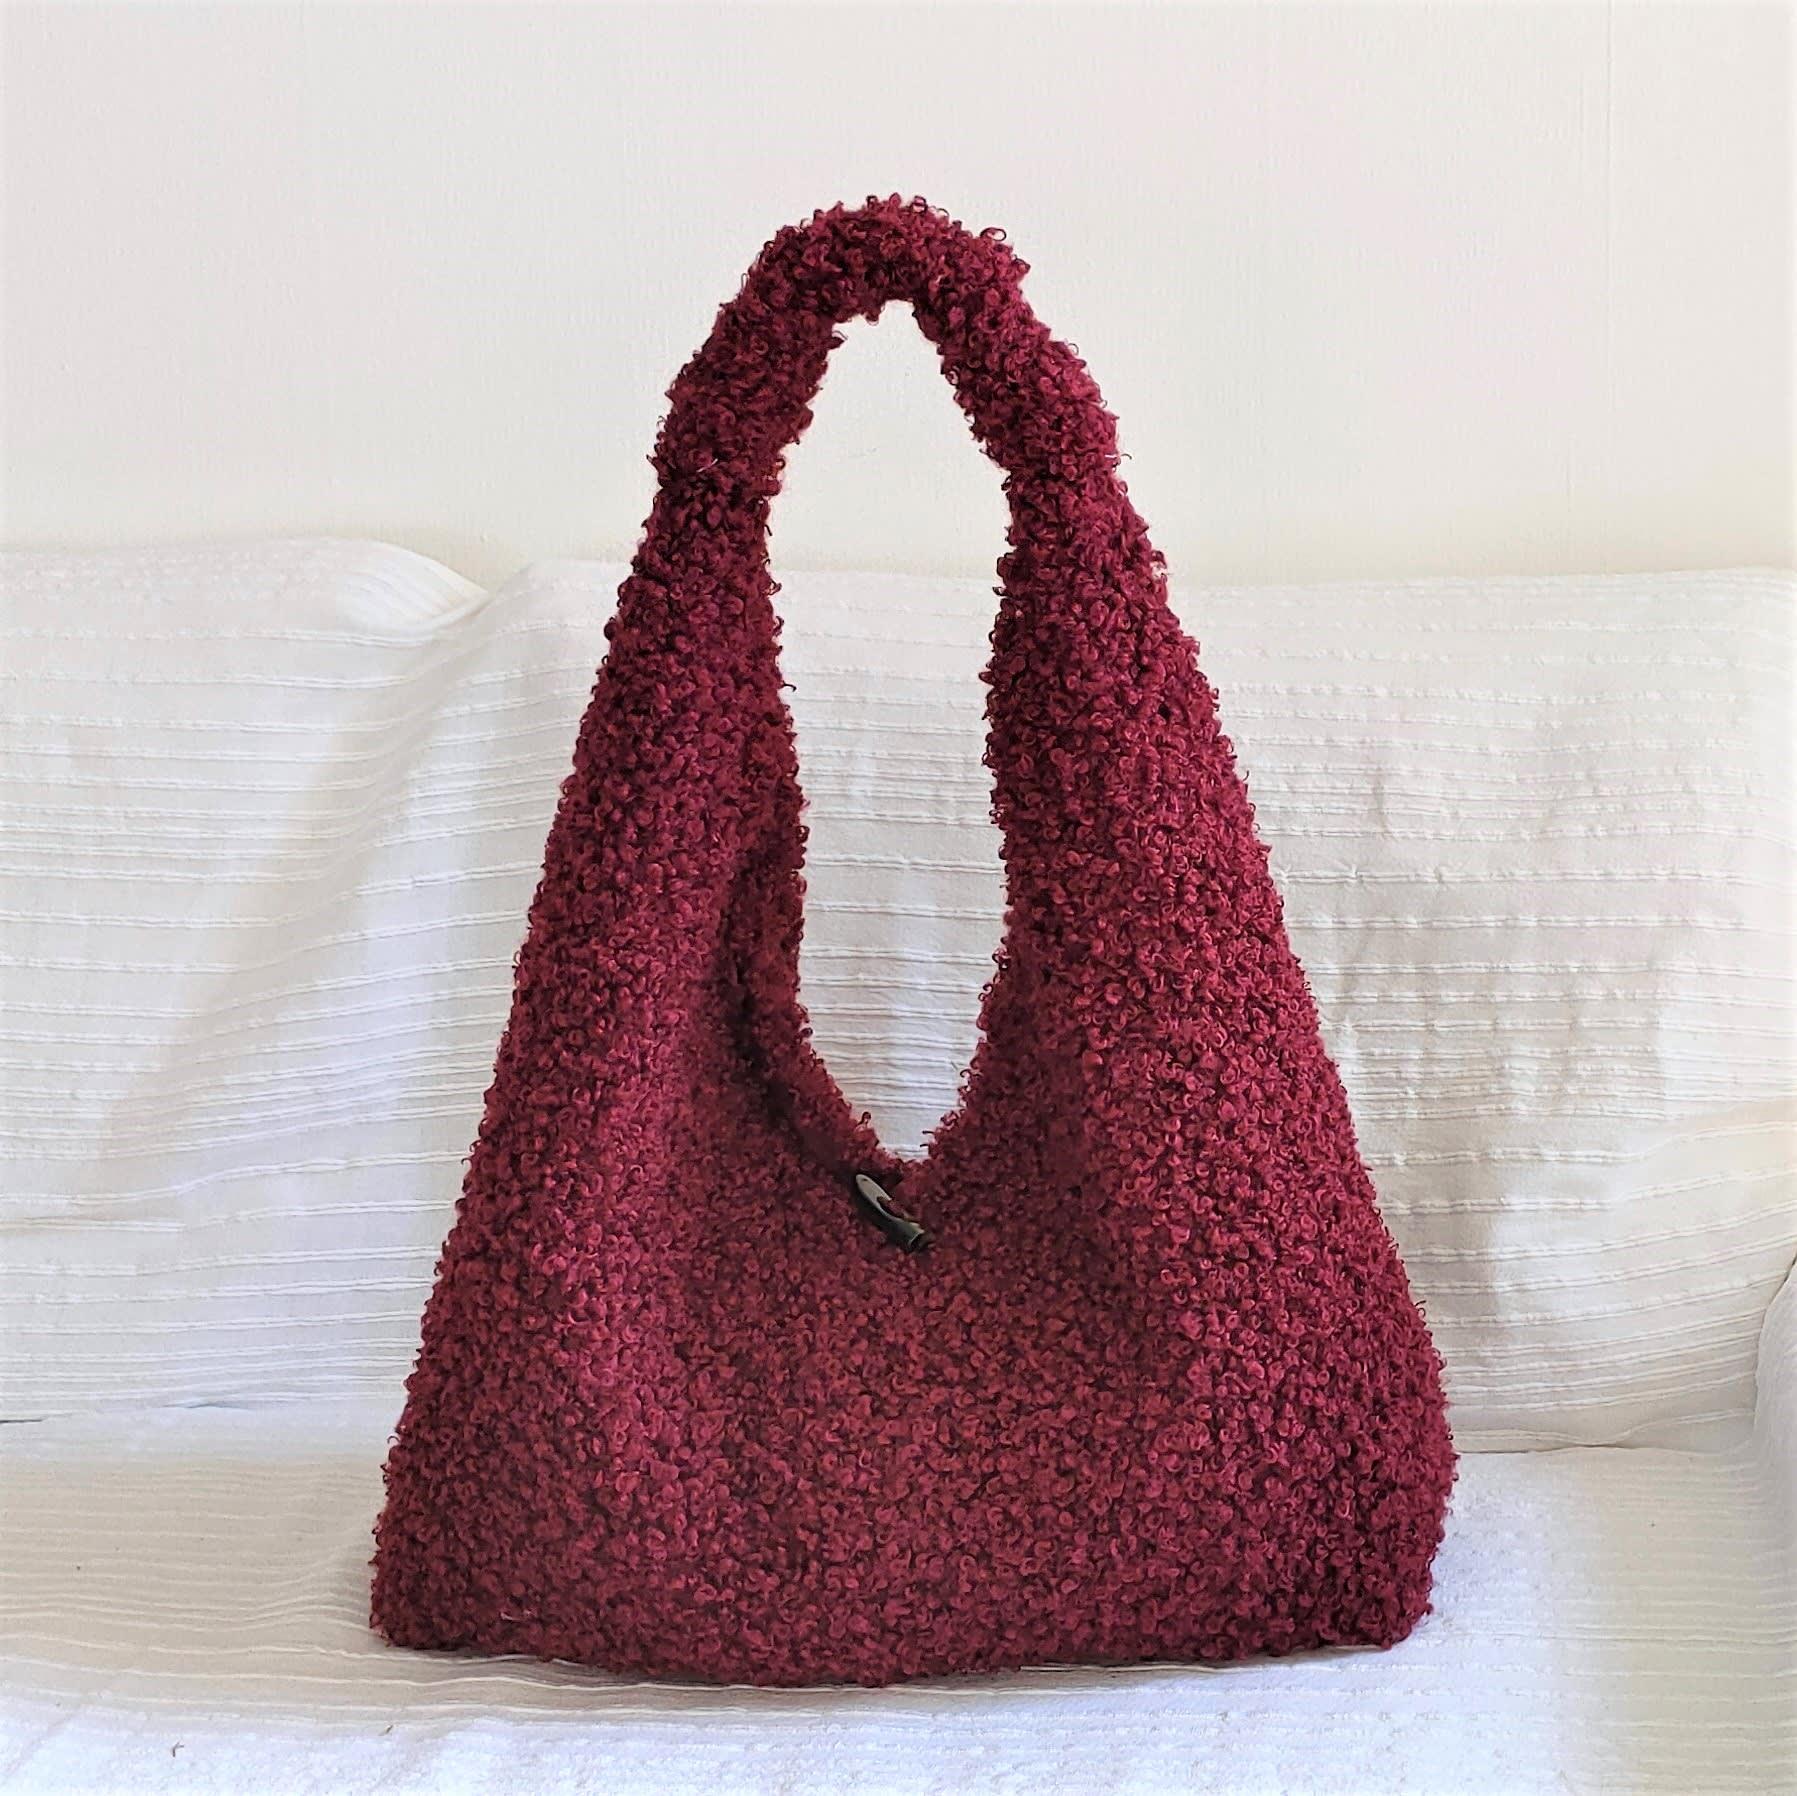 Sac besace en fausse fourrure astrakan bordeaux. Grand sac souple porté épaule couleur bordeaux.